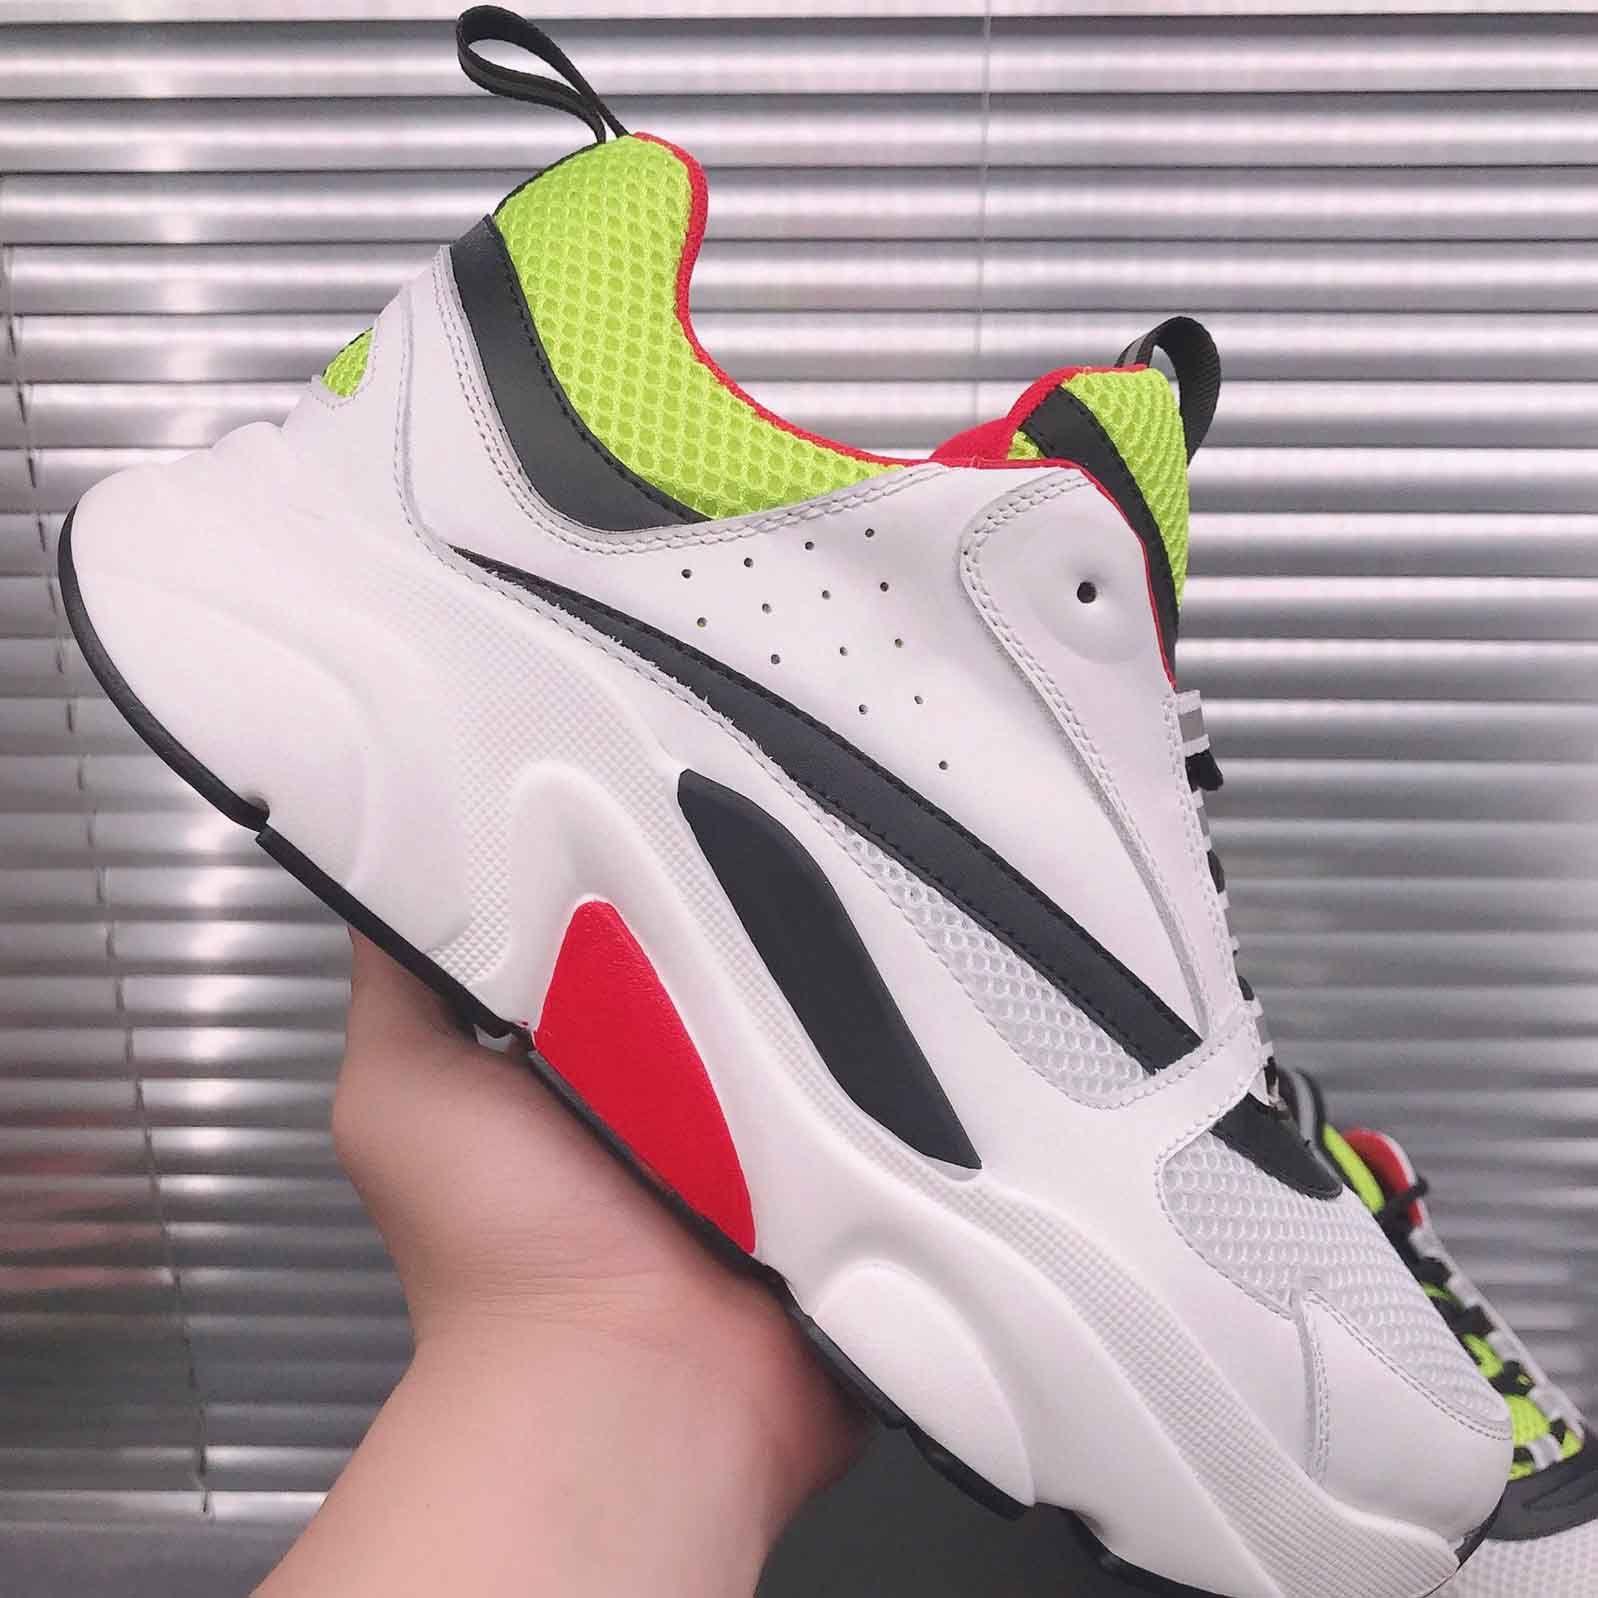 2021 мужские кроссовки отражающие кроссовки платформы обувь холст тележки тренеров высочайшего качества женщины на шнуровке повседневные туфли с коробкой